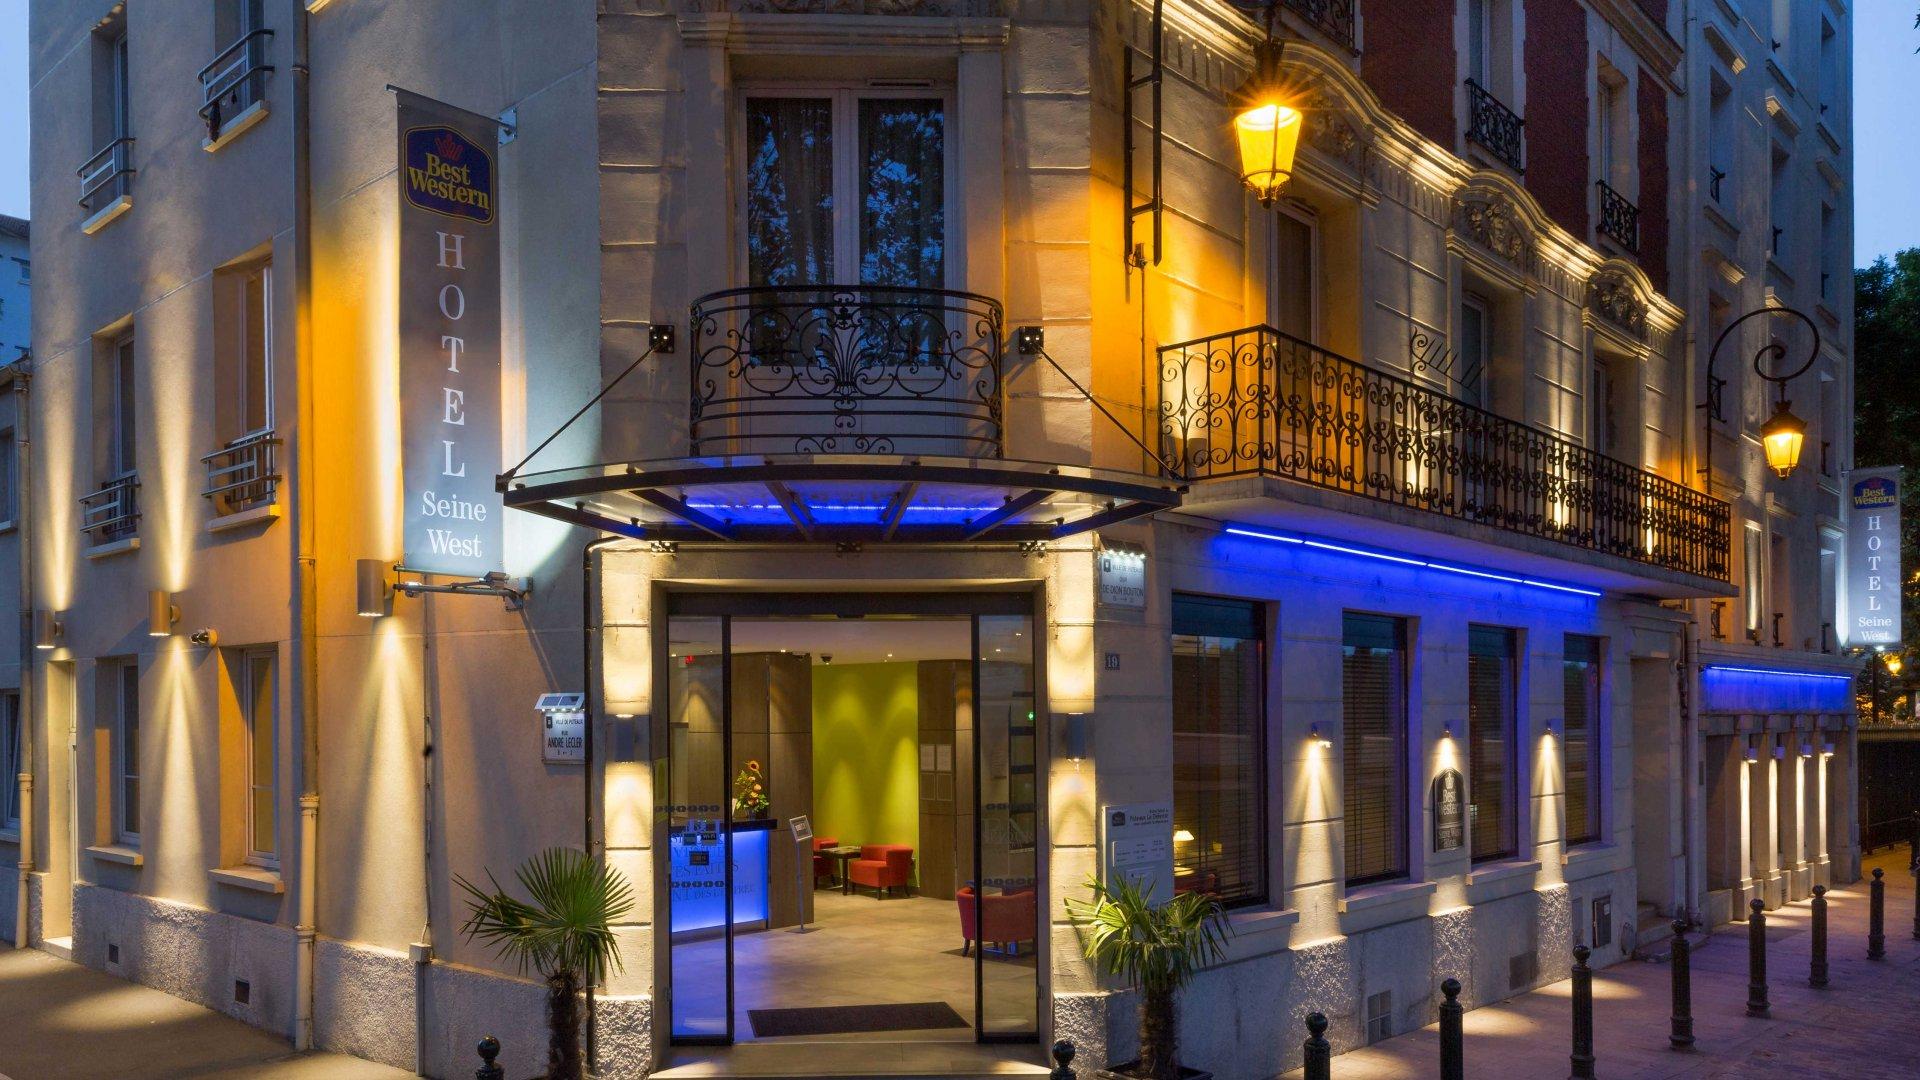 Best Western Seine West Hotel Puteaux